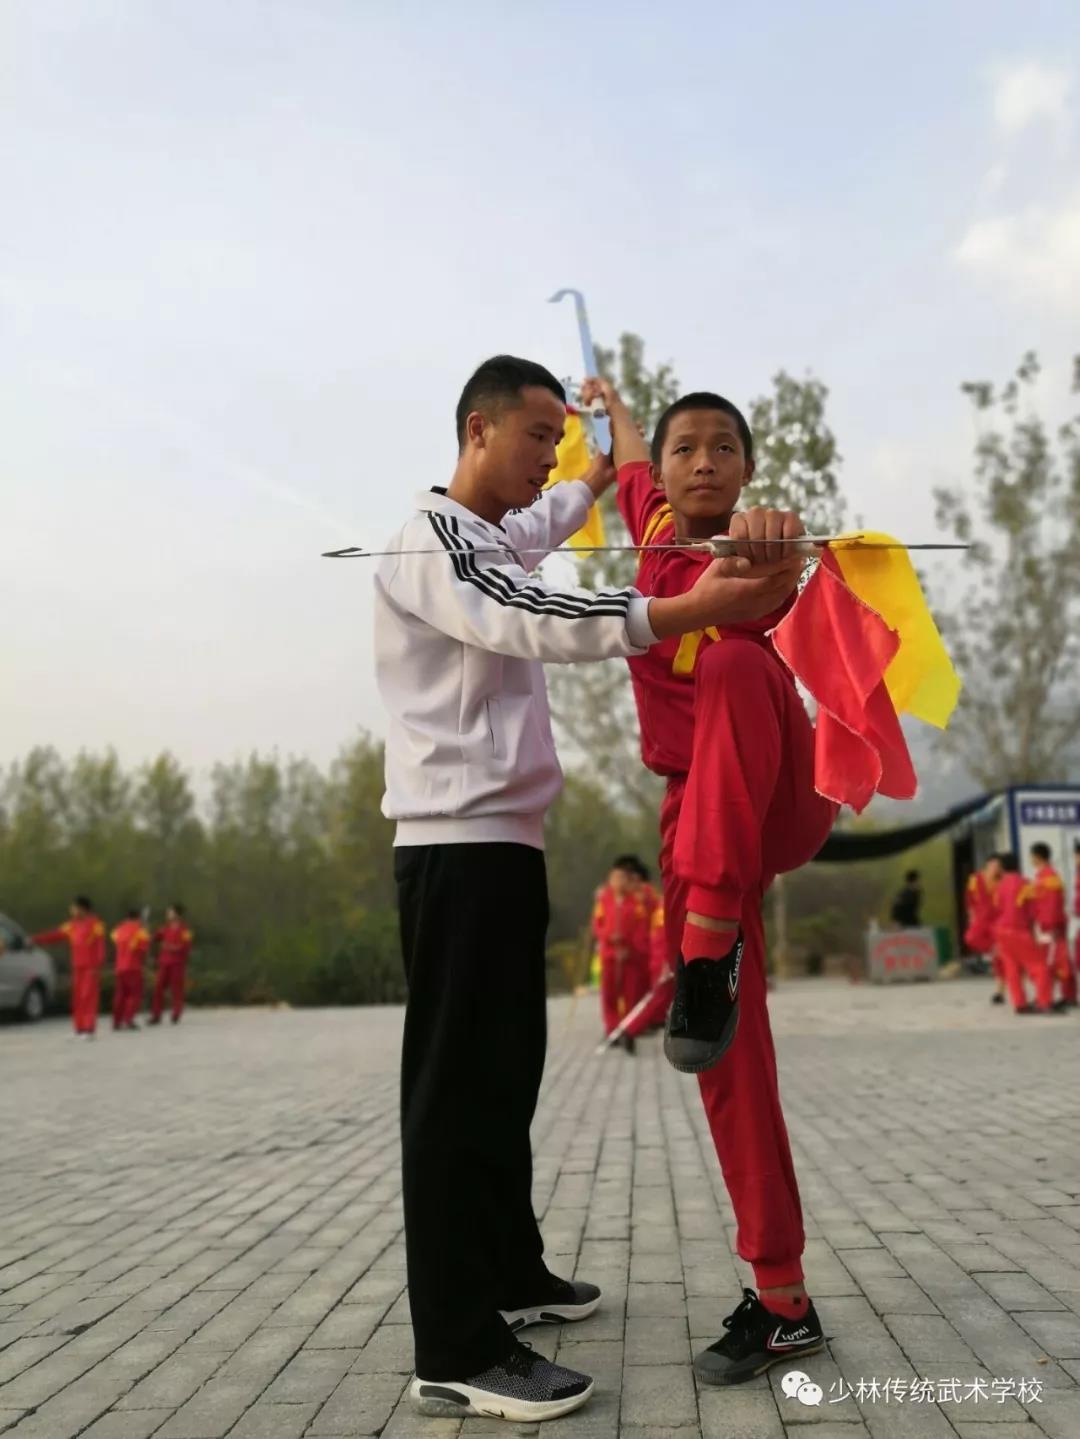 少林寺武术学校的教练在指导学员武术动作